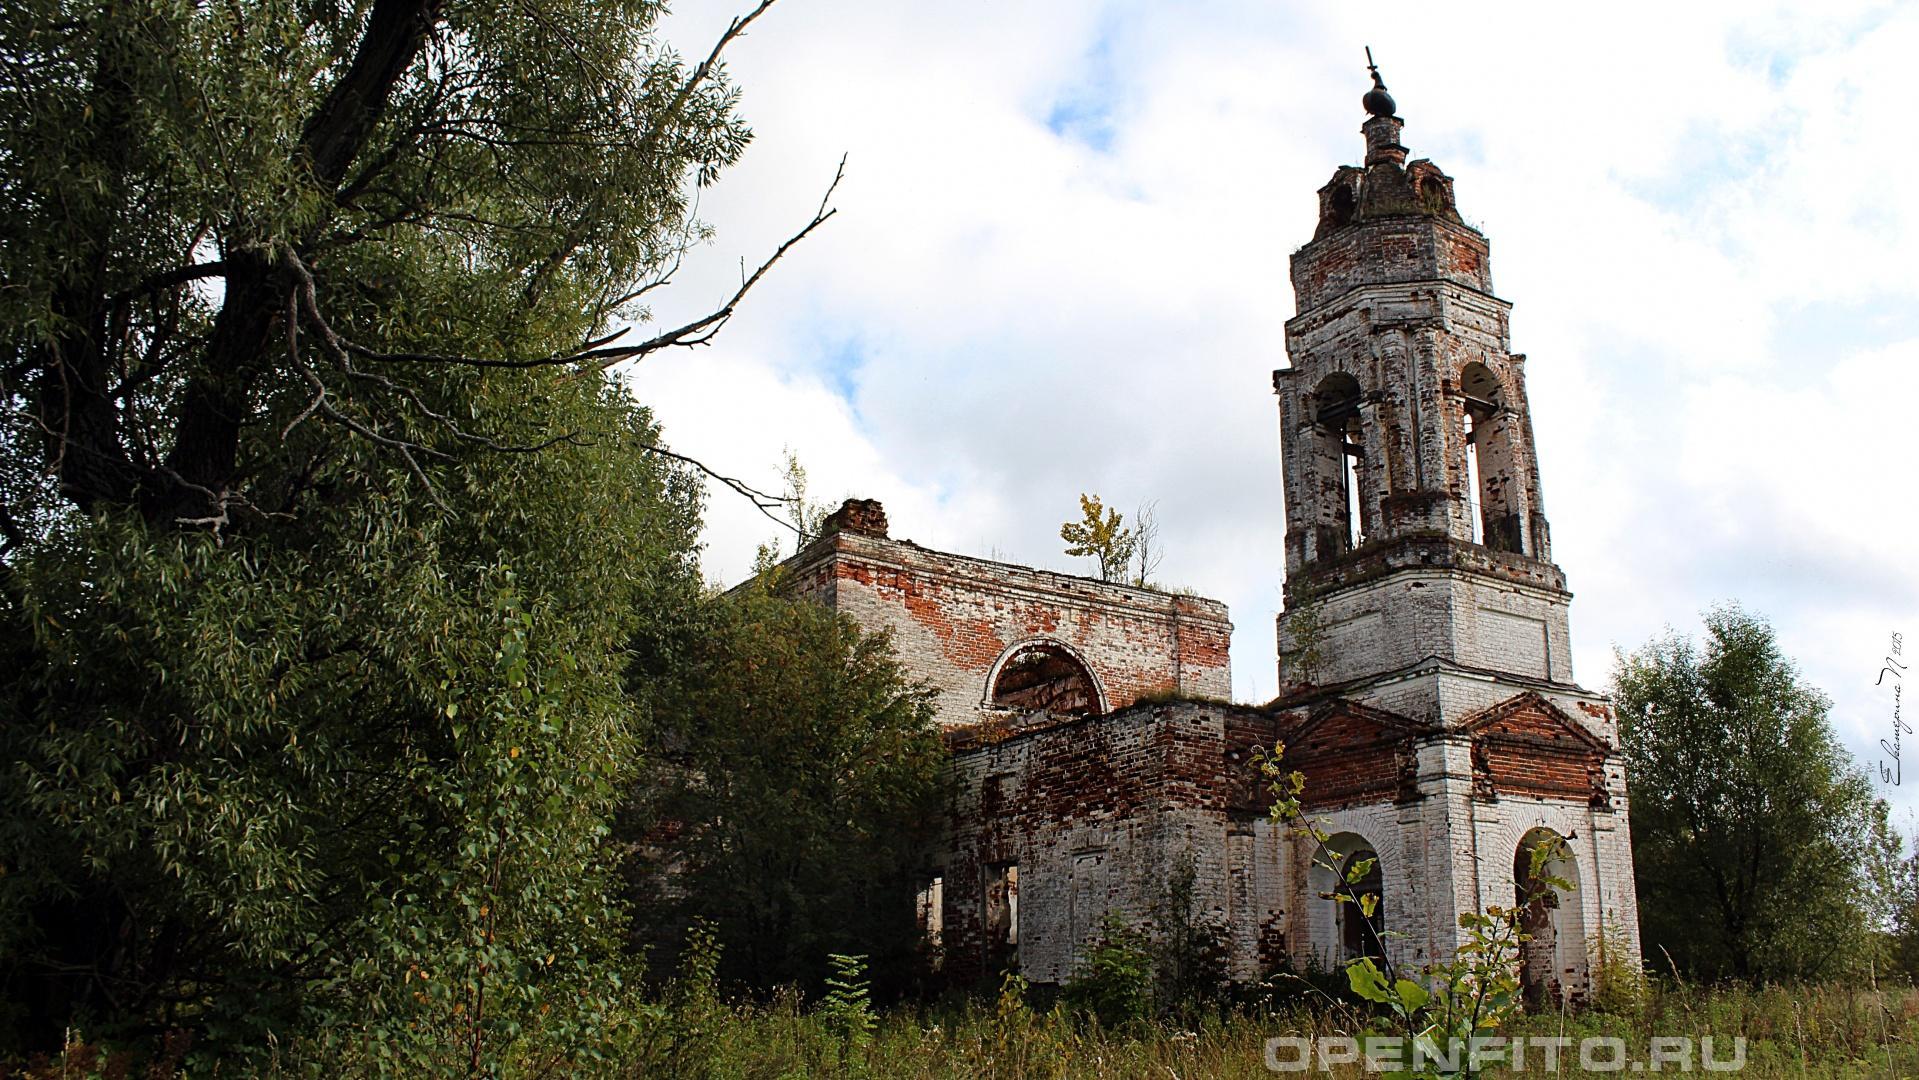 Никольская церковь Никольская церковь в селе Деревеньки Родниковского района Ивановской области